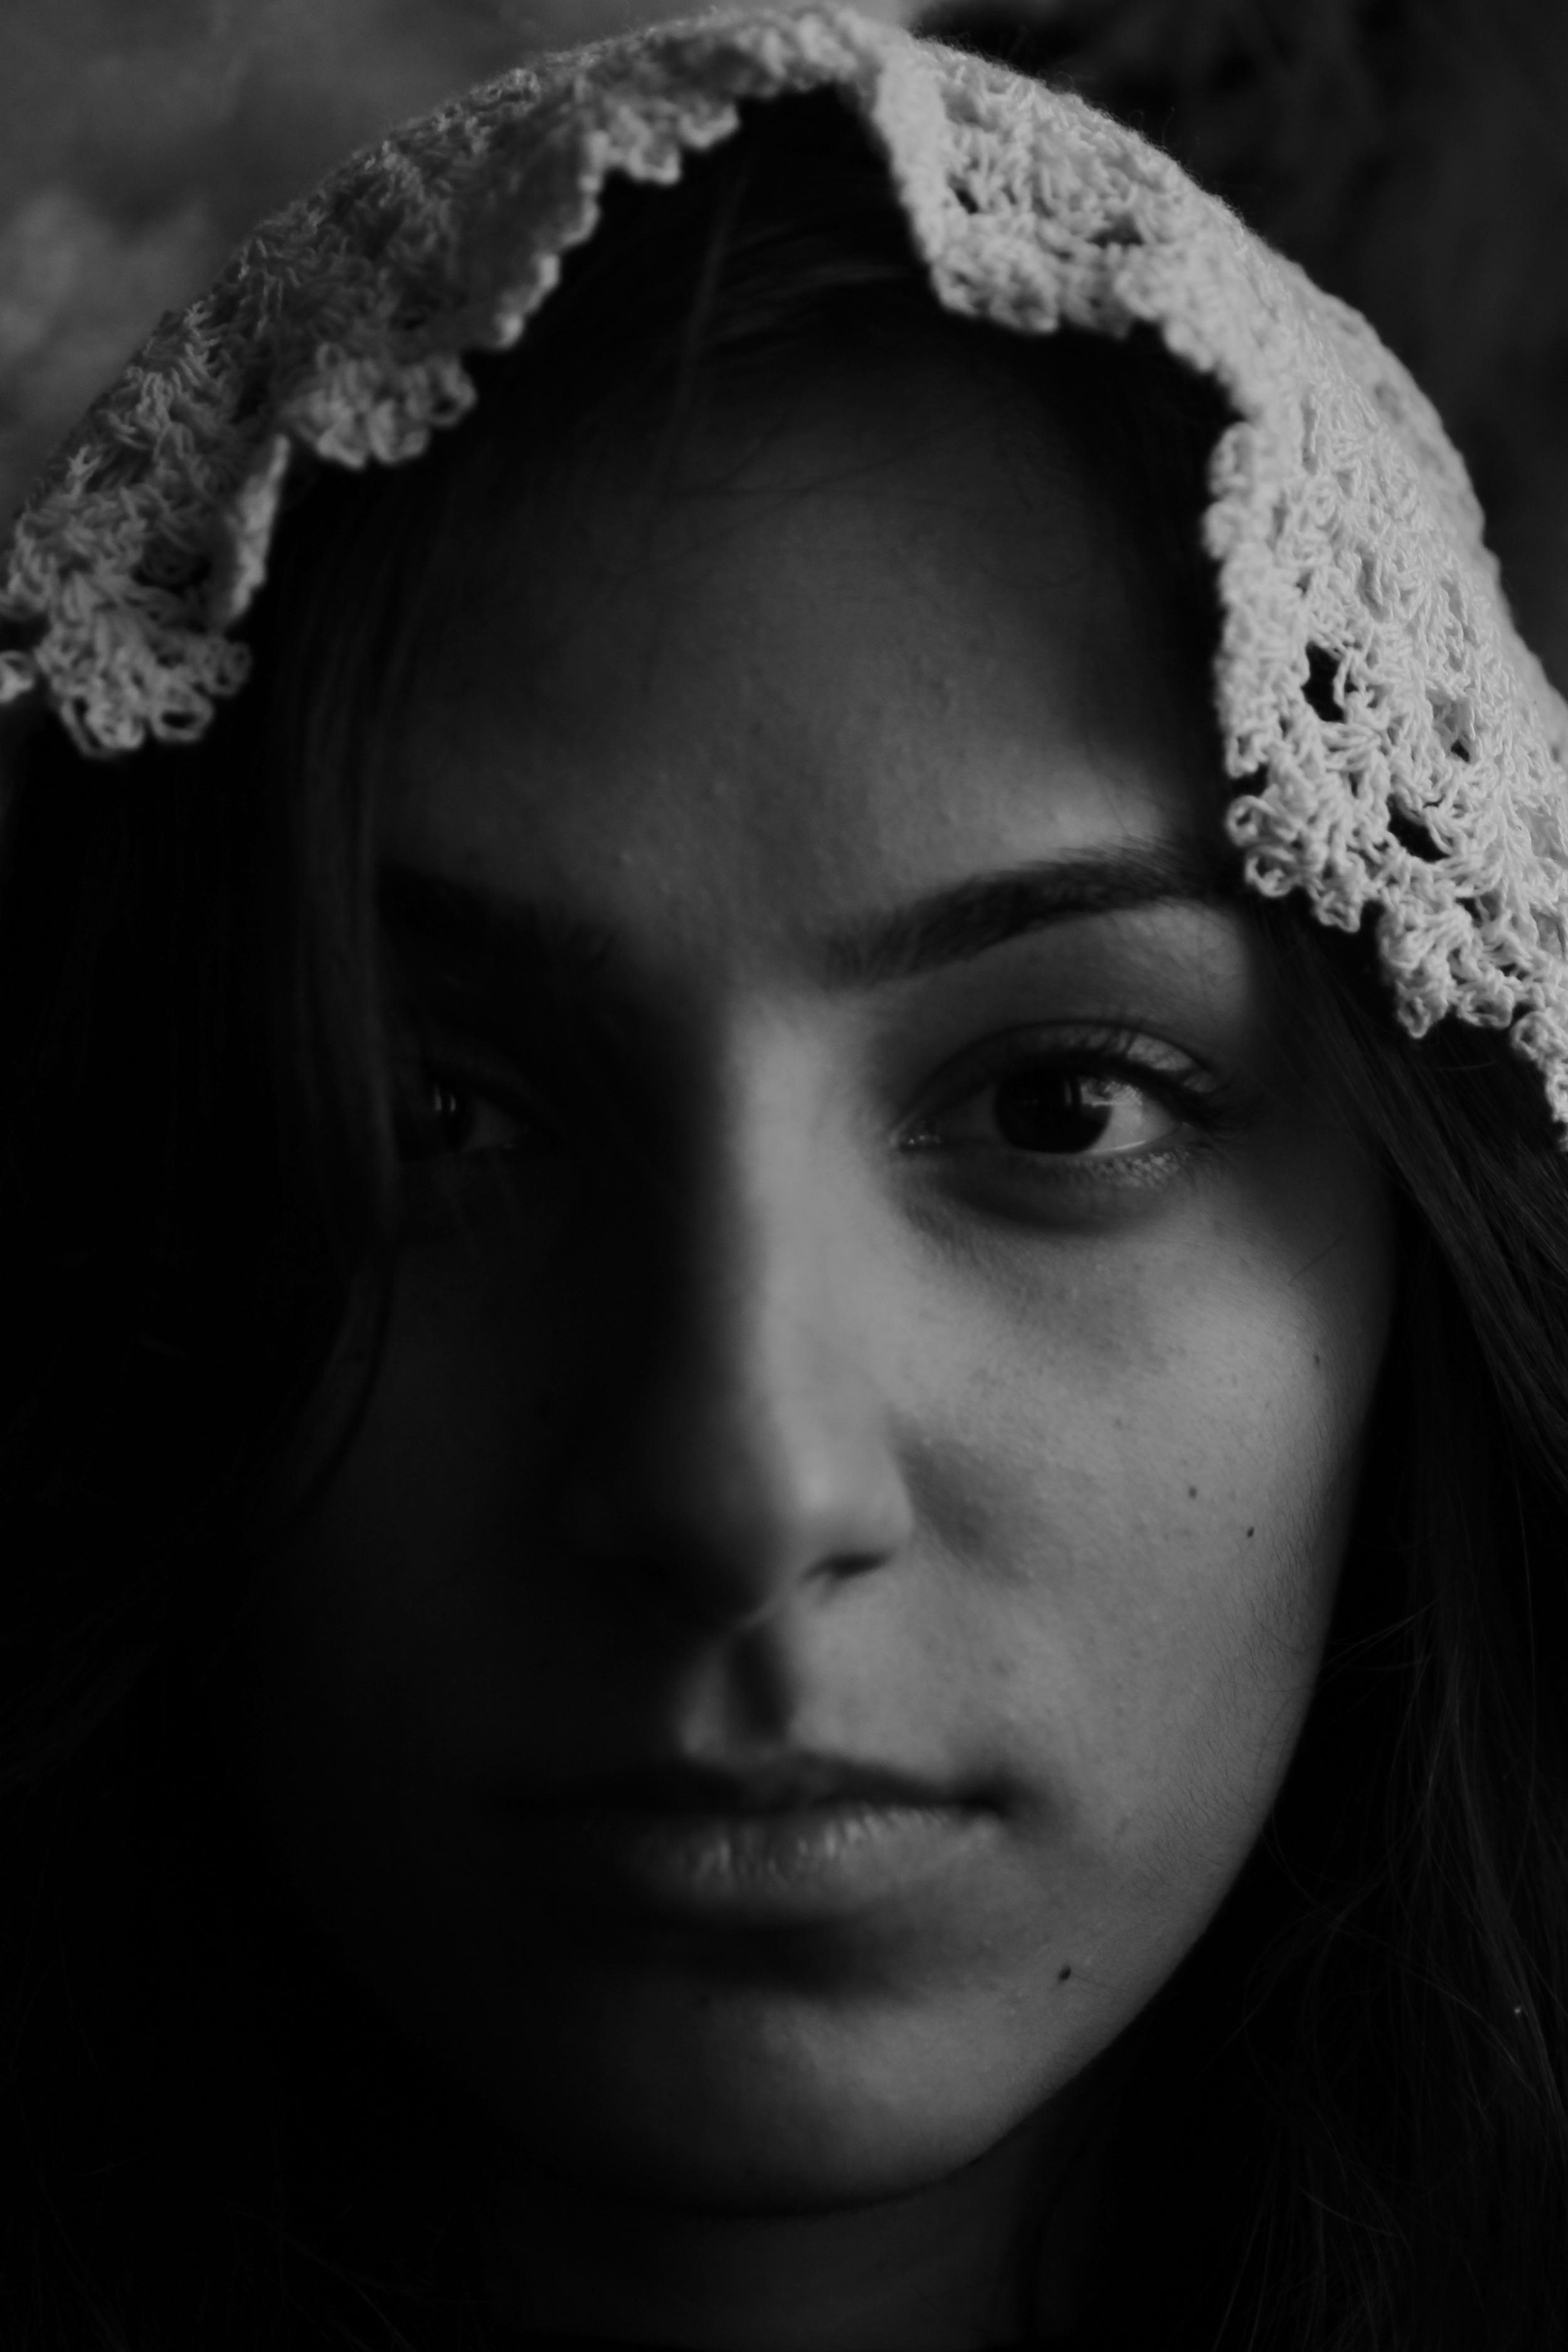 Portrait-of-a-maiden-2.JPG